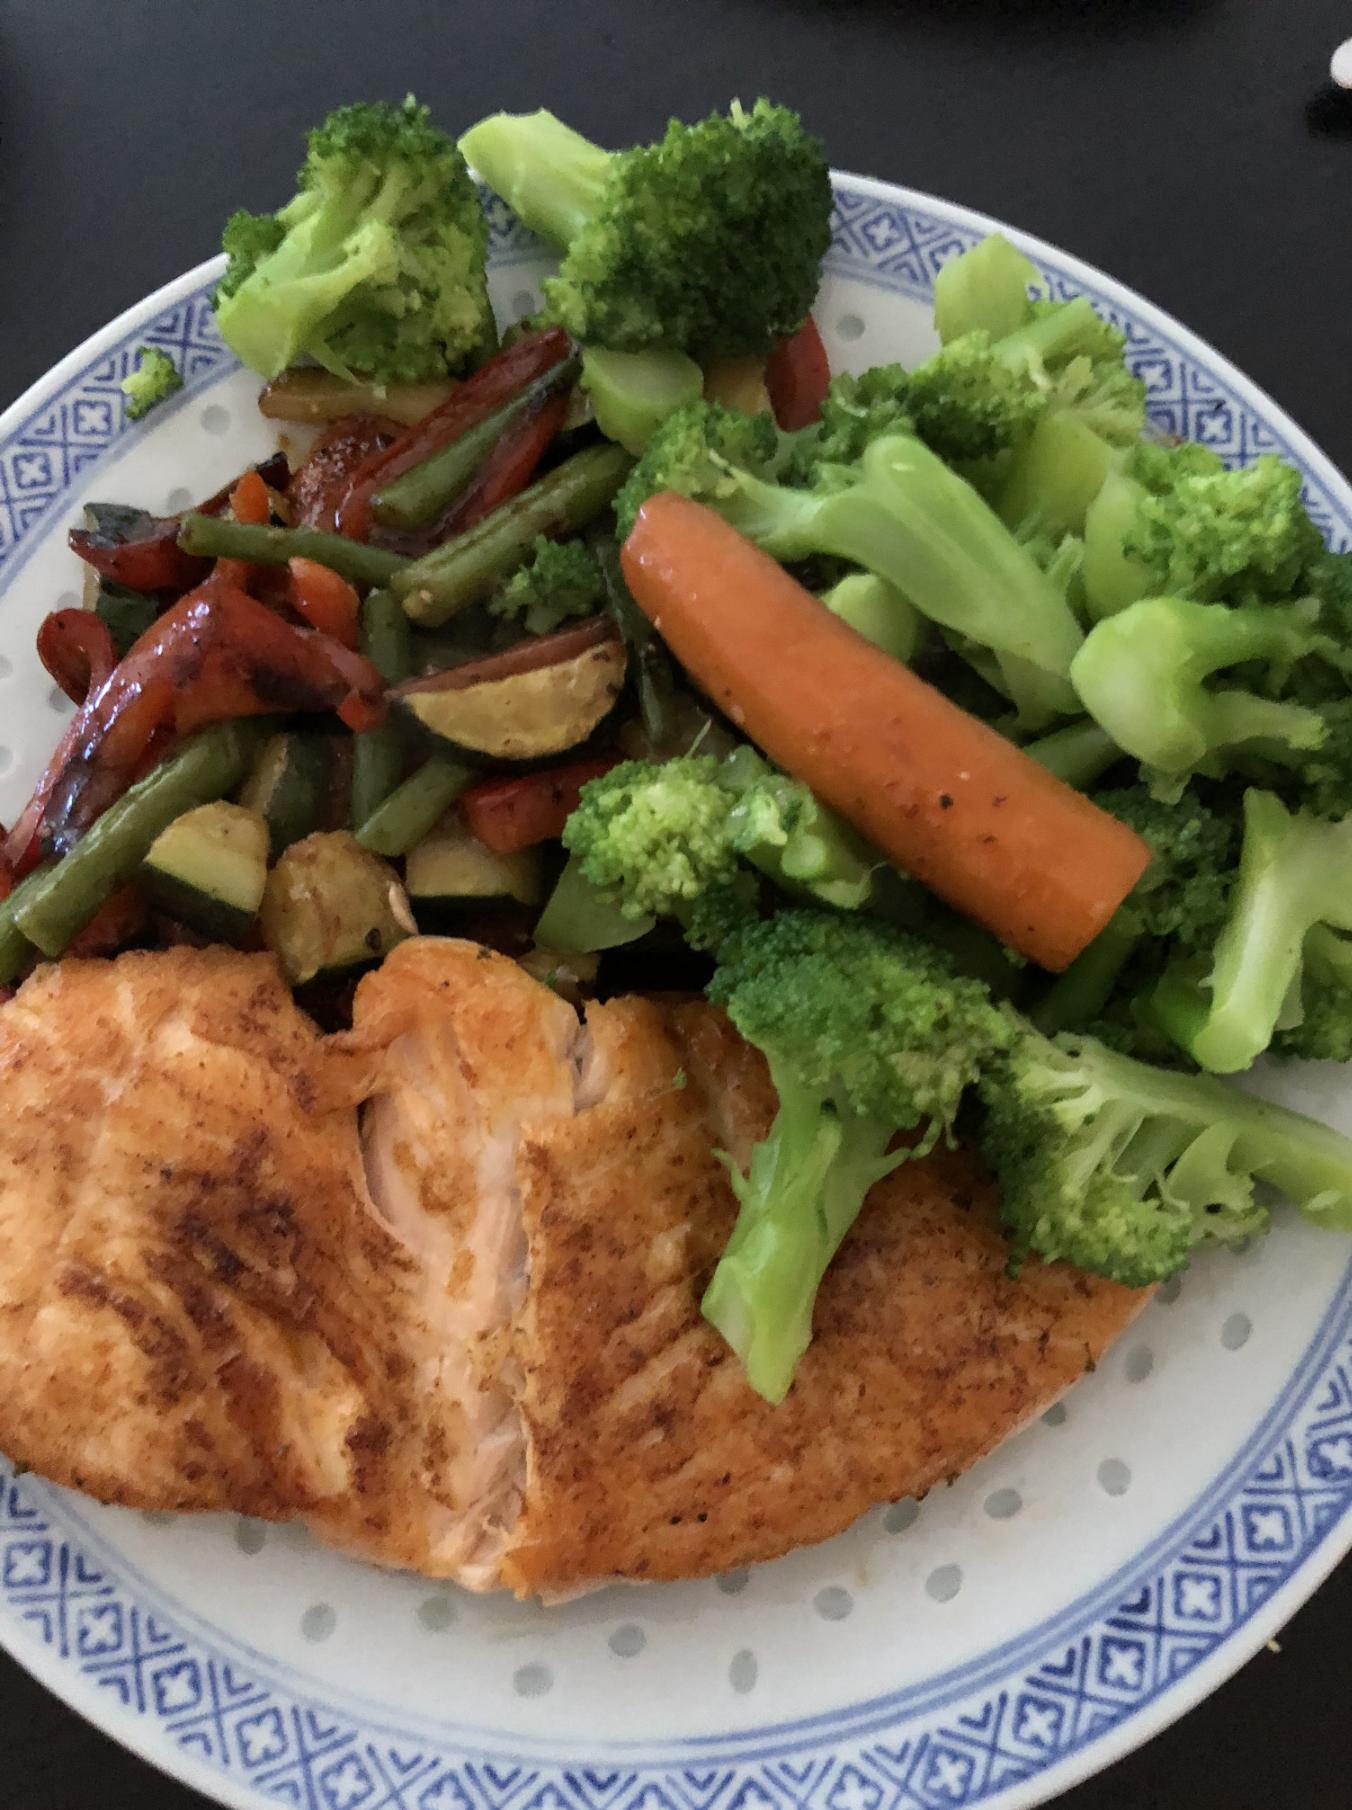 Gemüsepfanne asiatisch mit Lachsfilet